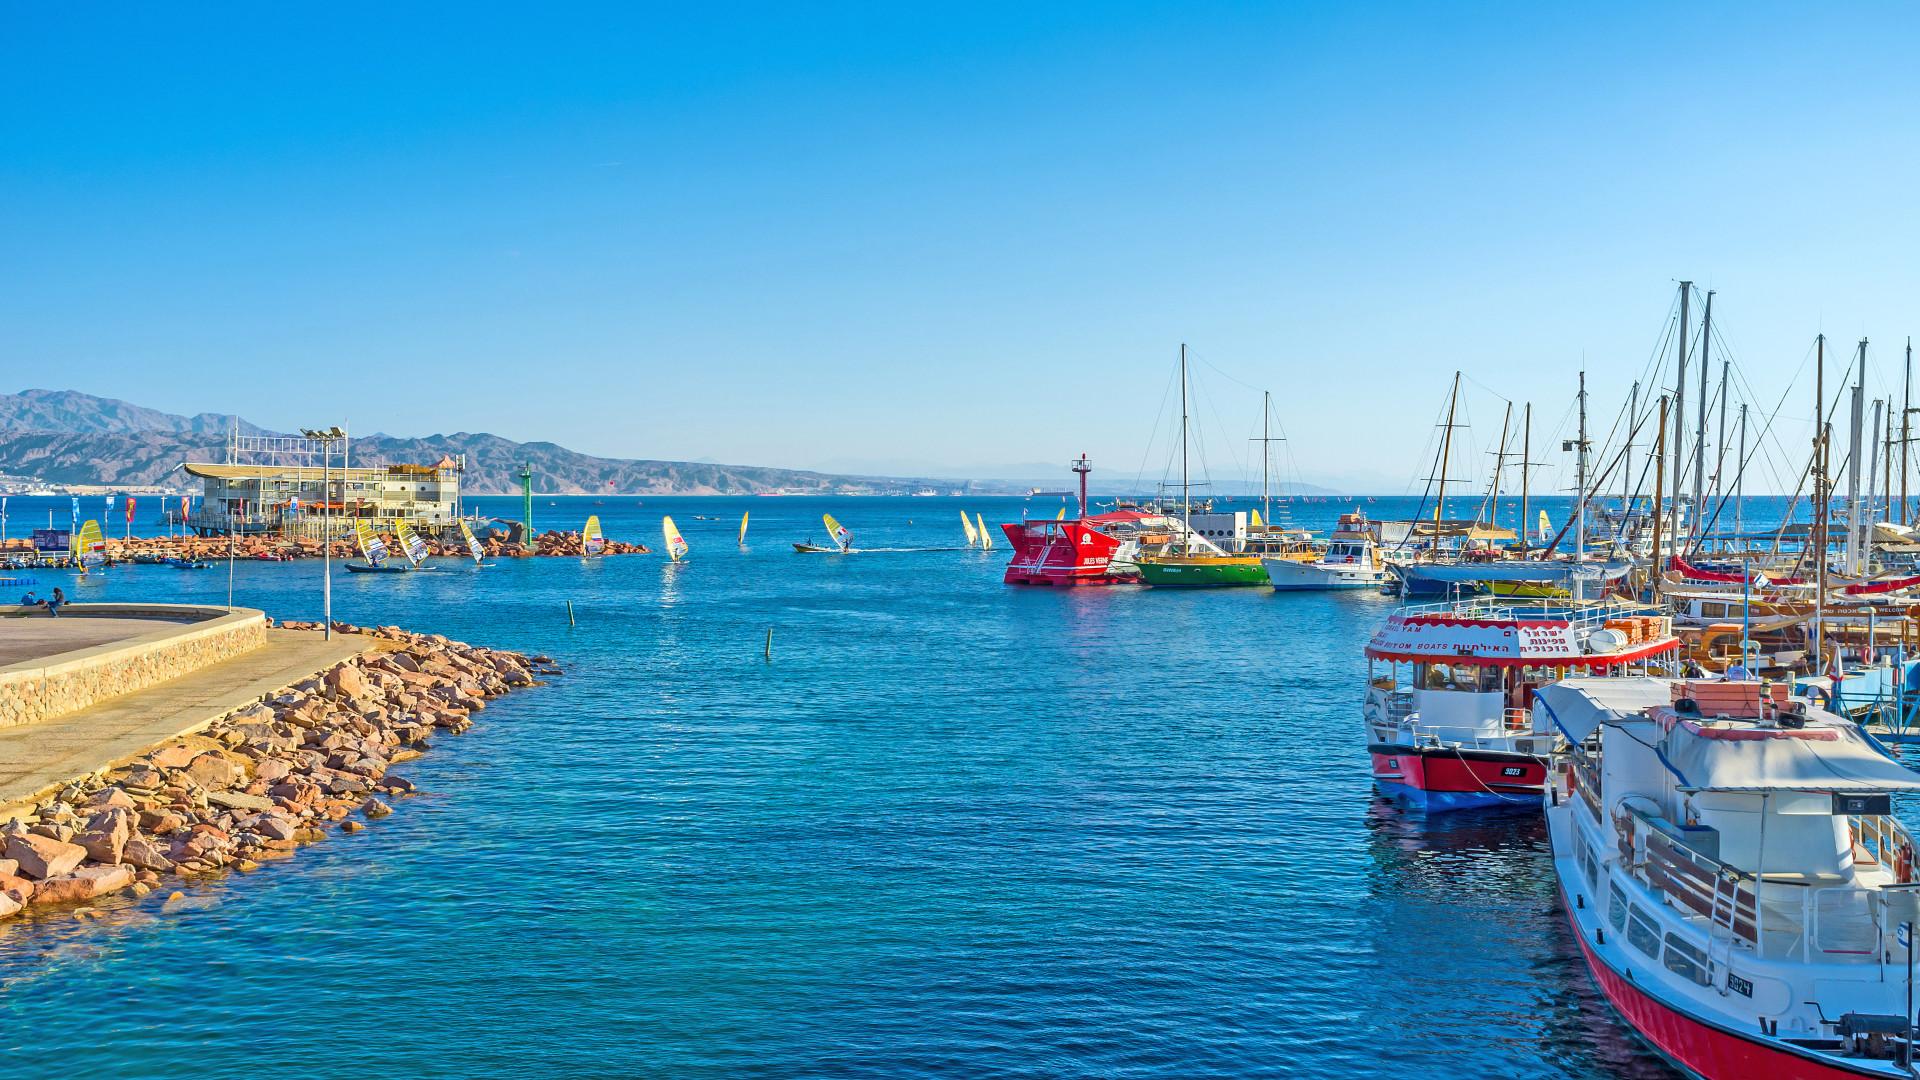 Eilat, blauw water, schepen, kade